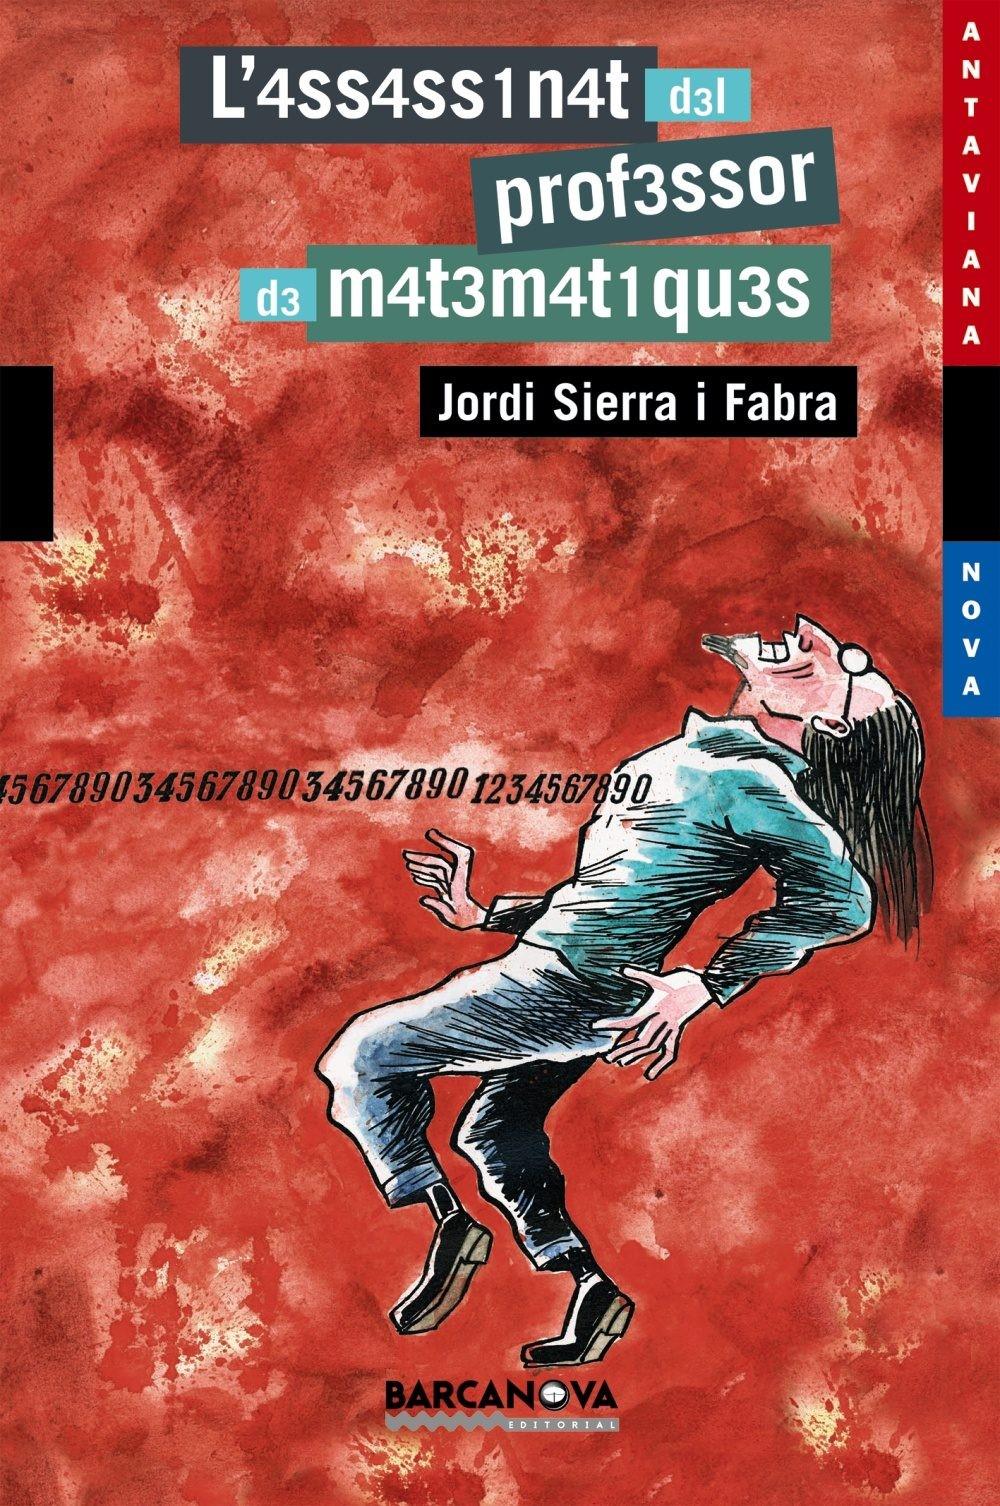 El Asesinato Del Profesor De Matemáticas Jordi Sierra I Fabra Fundació Bit